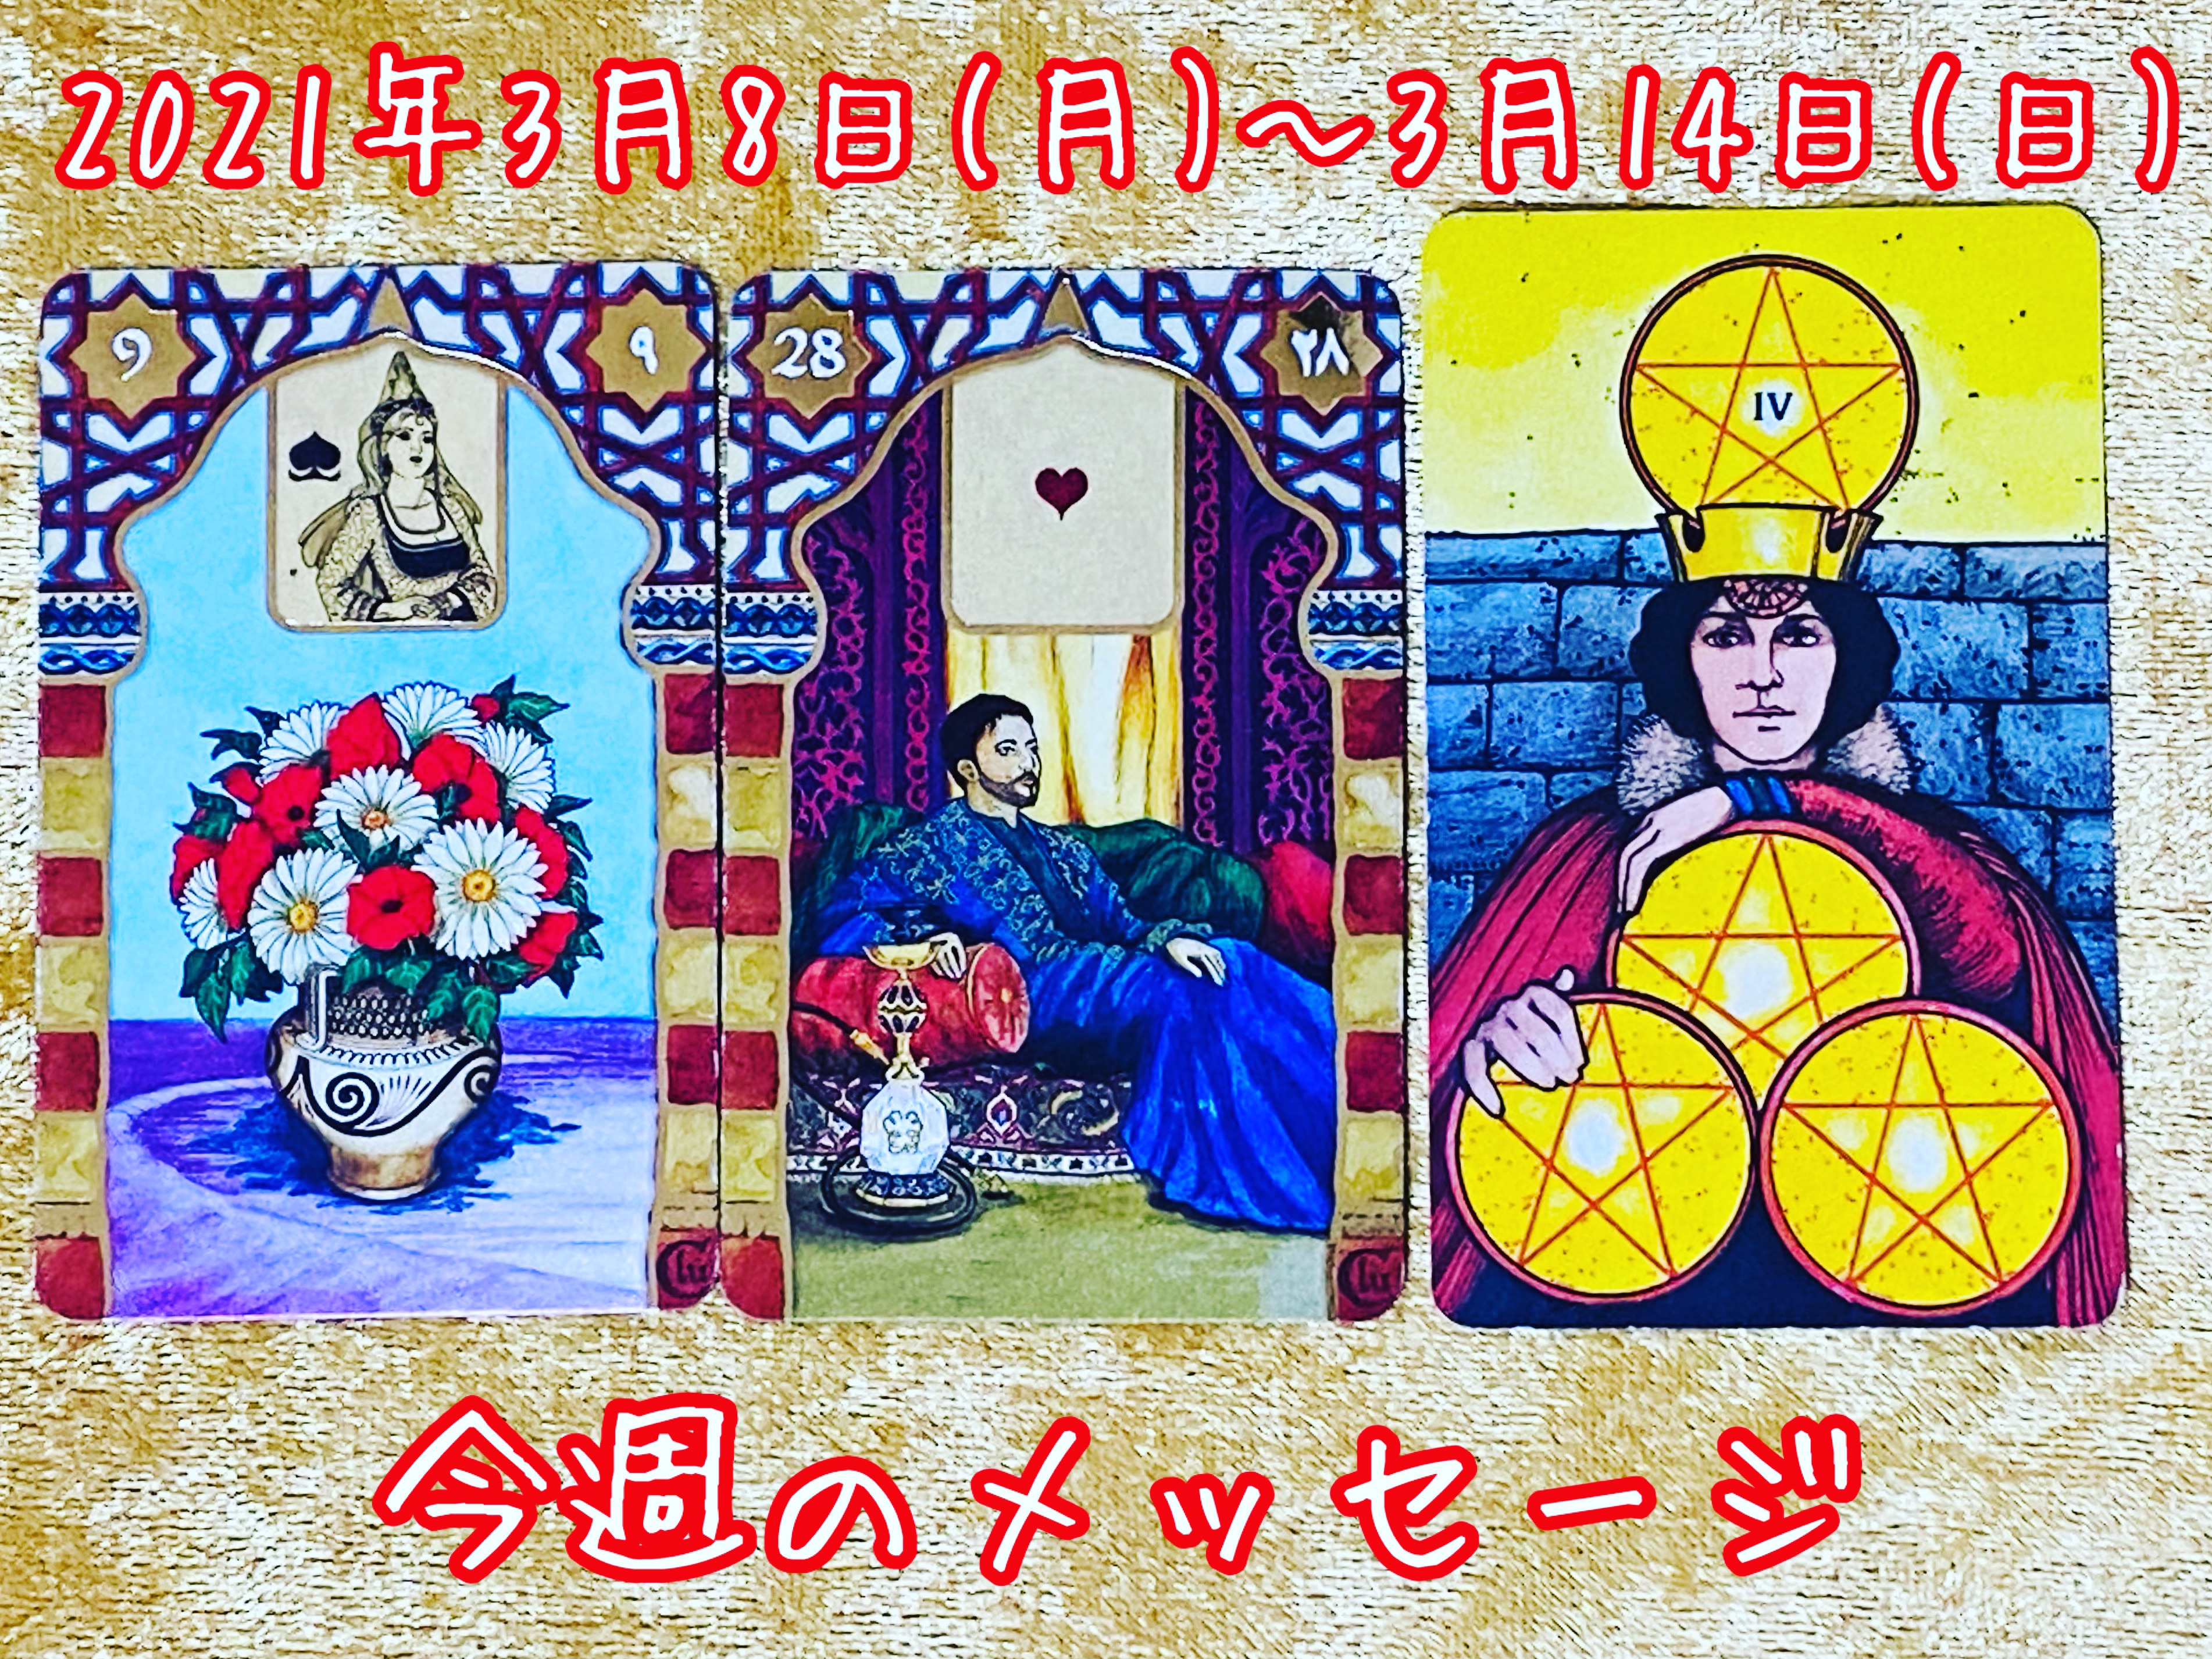 f:id:hana_su-hi:20210307193235j:image